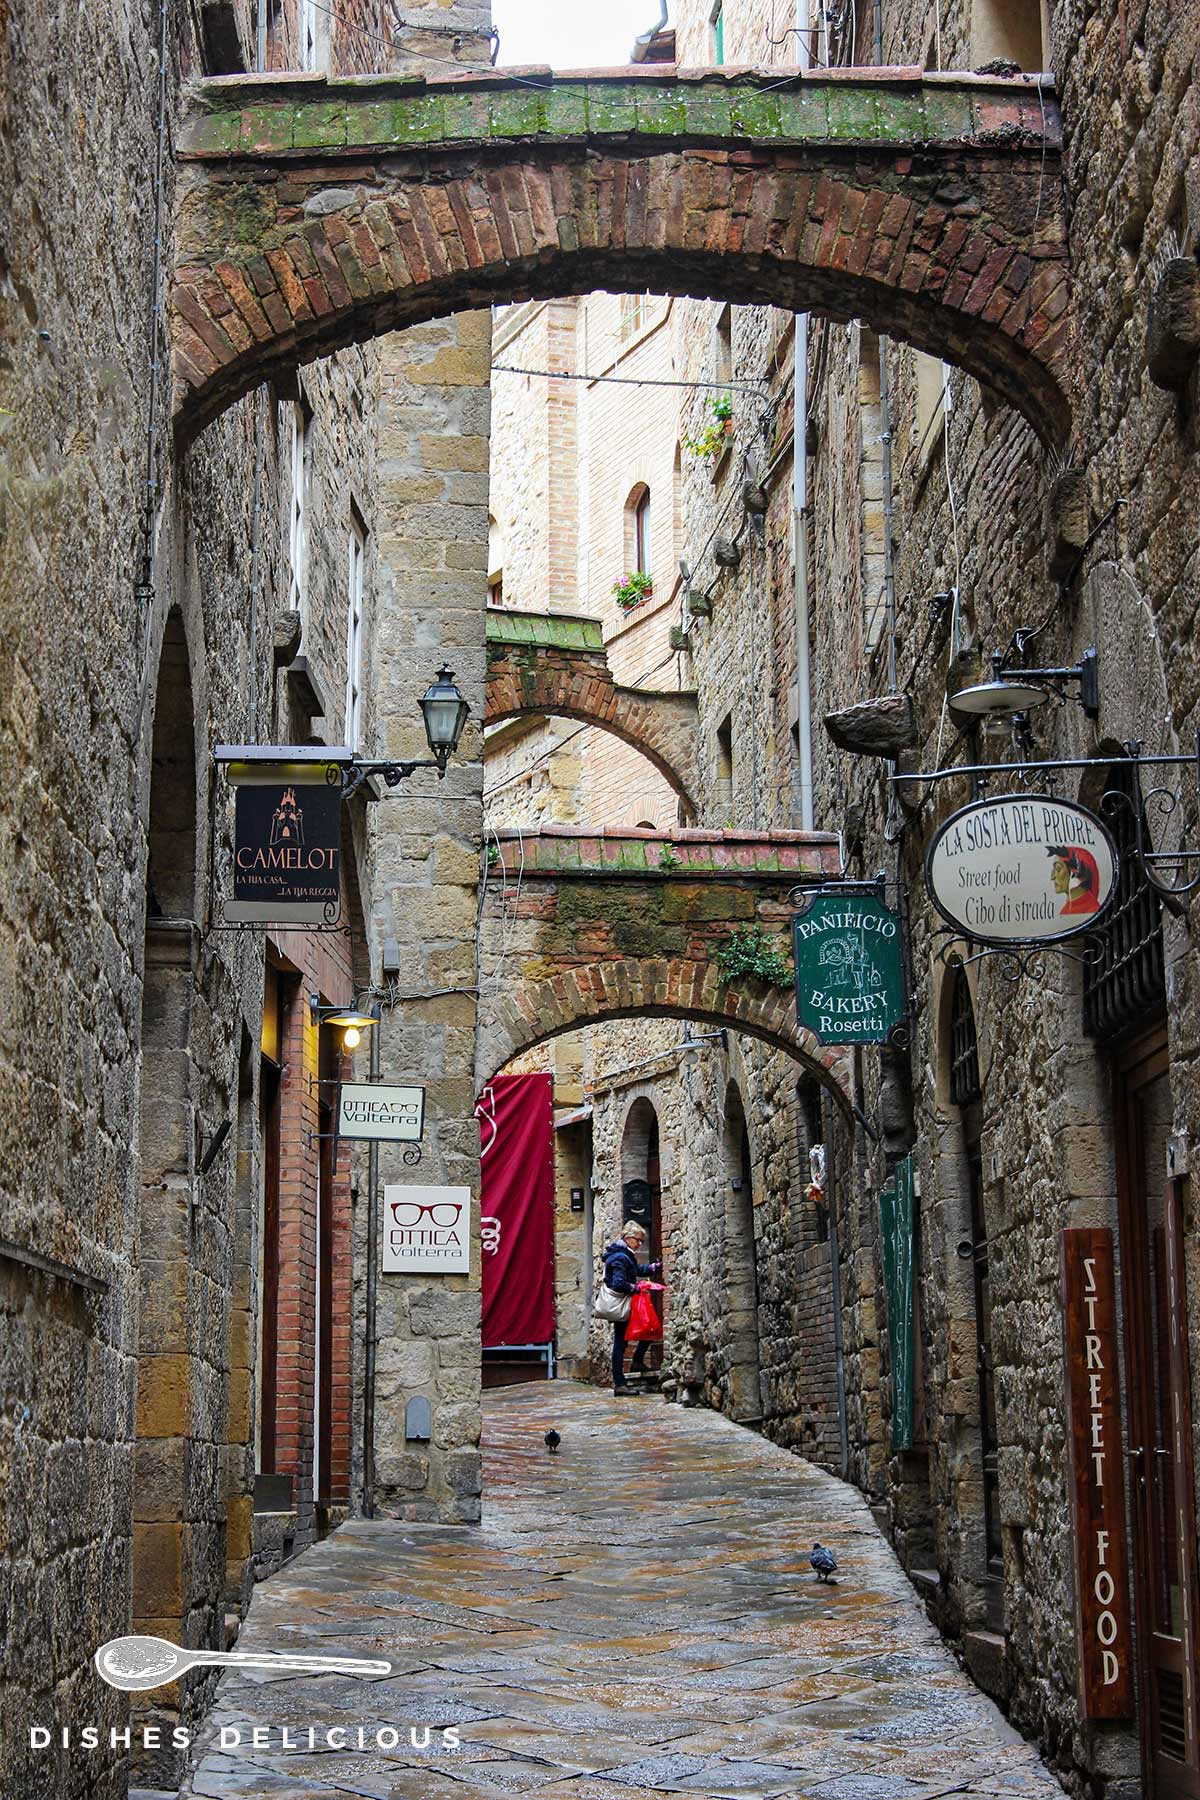 Ein Foto einer mittelalterlichen Gasse in Volterra, in der die Häuser durch Bögen verbunden sind.